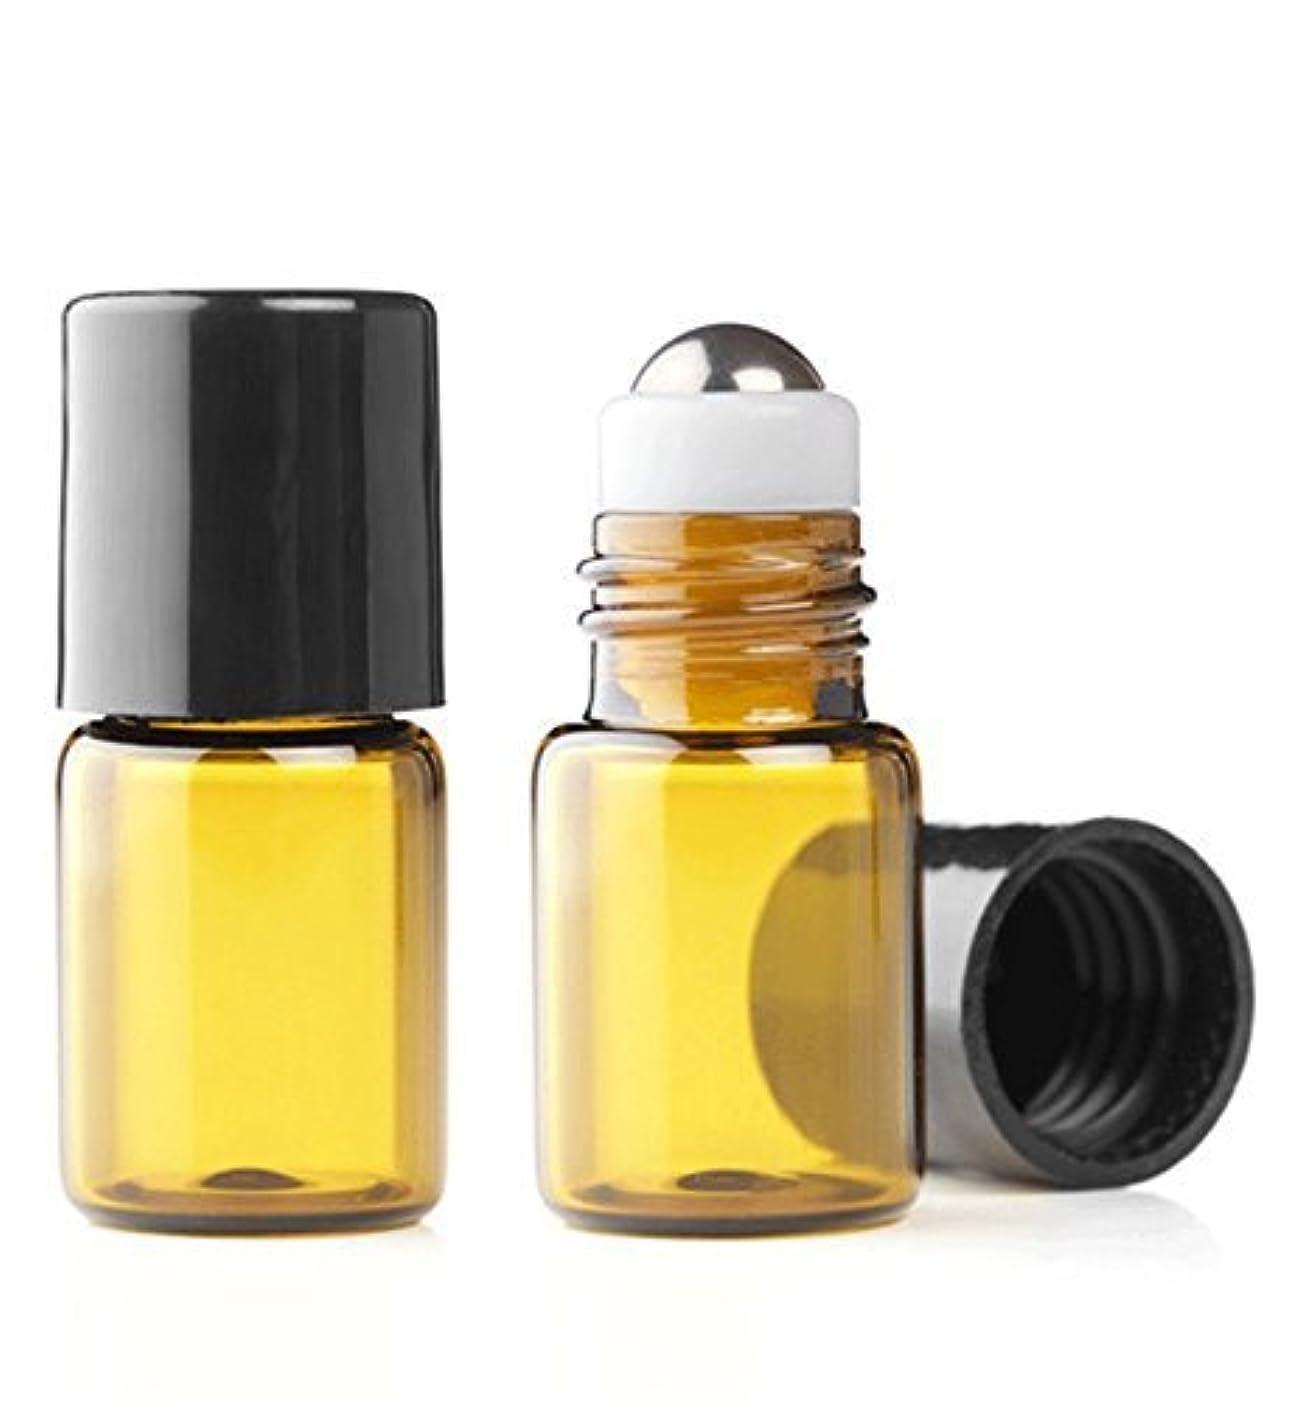 観察腹部縮れたGrand Parfums Empty 2ml Amber Glass Micro Mini Rollon Dram Glass Bottles with Metal Roller Balls - Refillable Aromatherapy Essential Oil Roll On - Bulk - 1/2 Dram Pack of 6 - [並行輸入品]